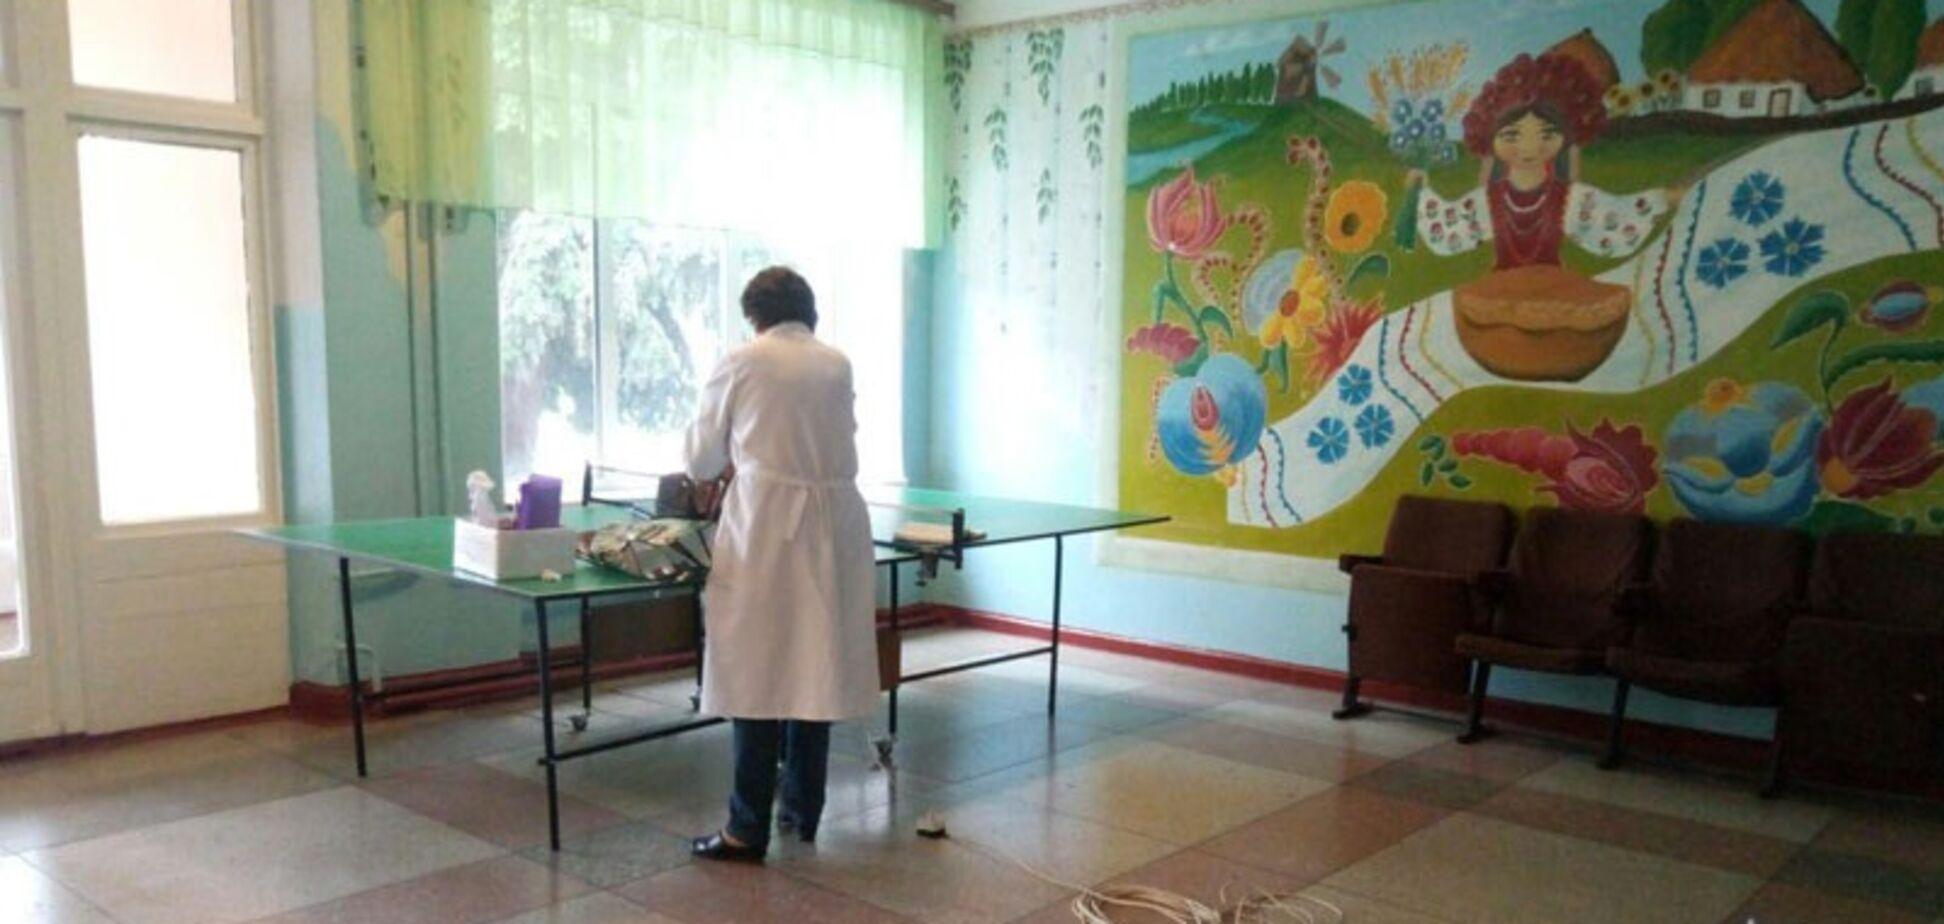 В школе на Донетчине неизвестный распылил газ: подробности ЧП